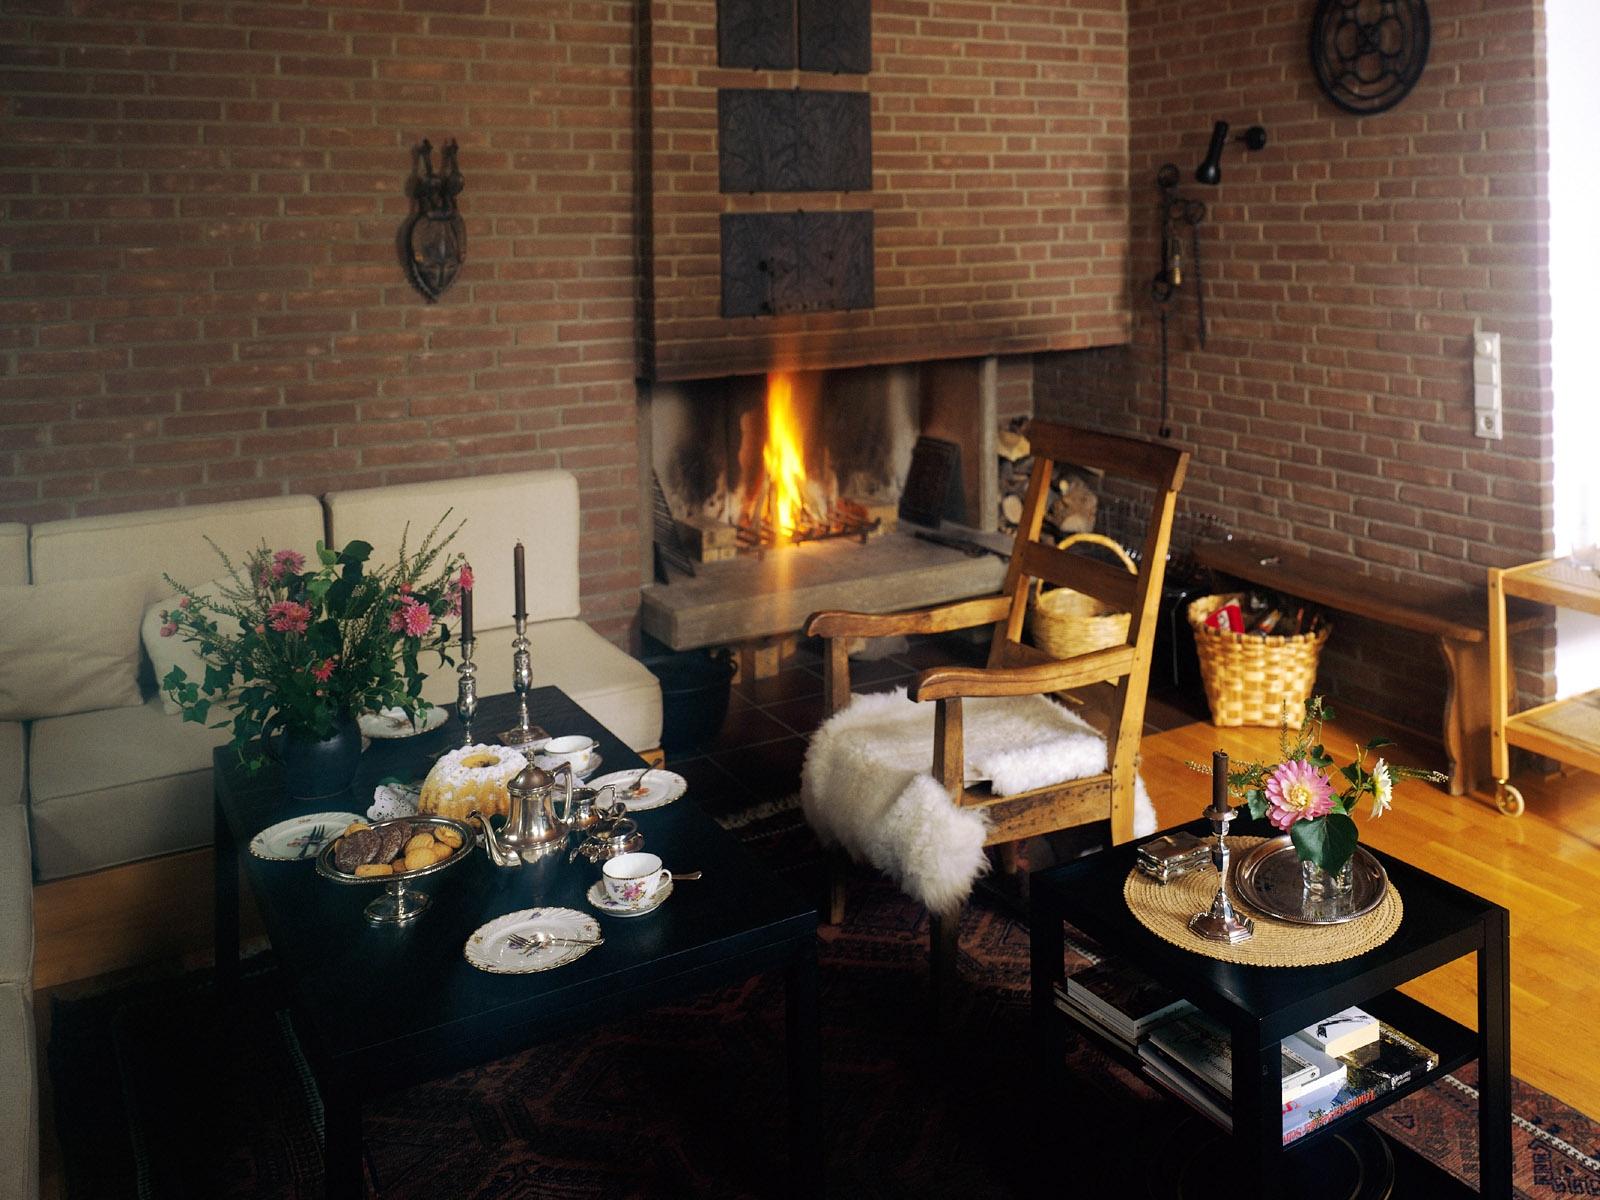 Fond d 39 cran chambre int rieur chemin e design d 39 int rieur chalet biens maison meubles - Cheminee interieur maison ...